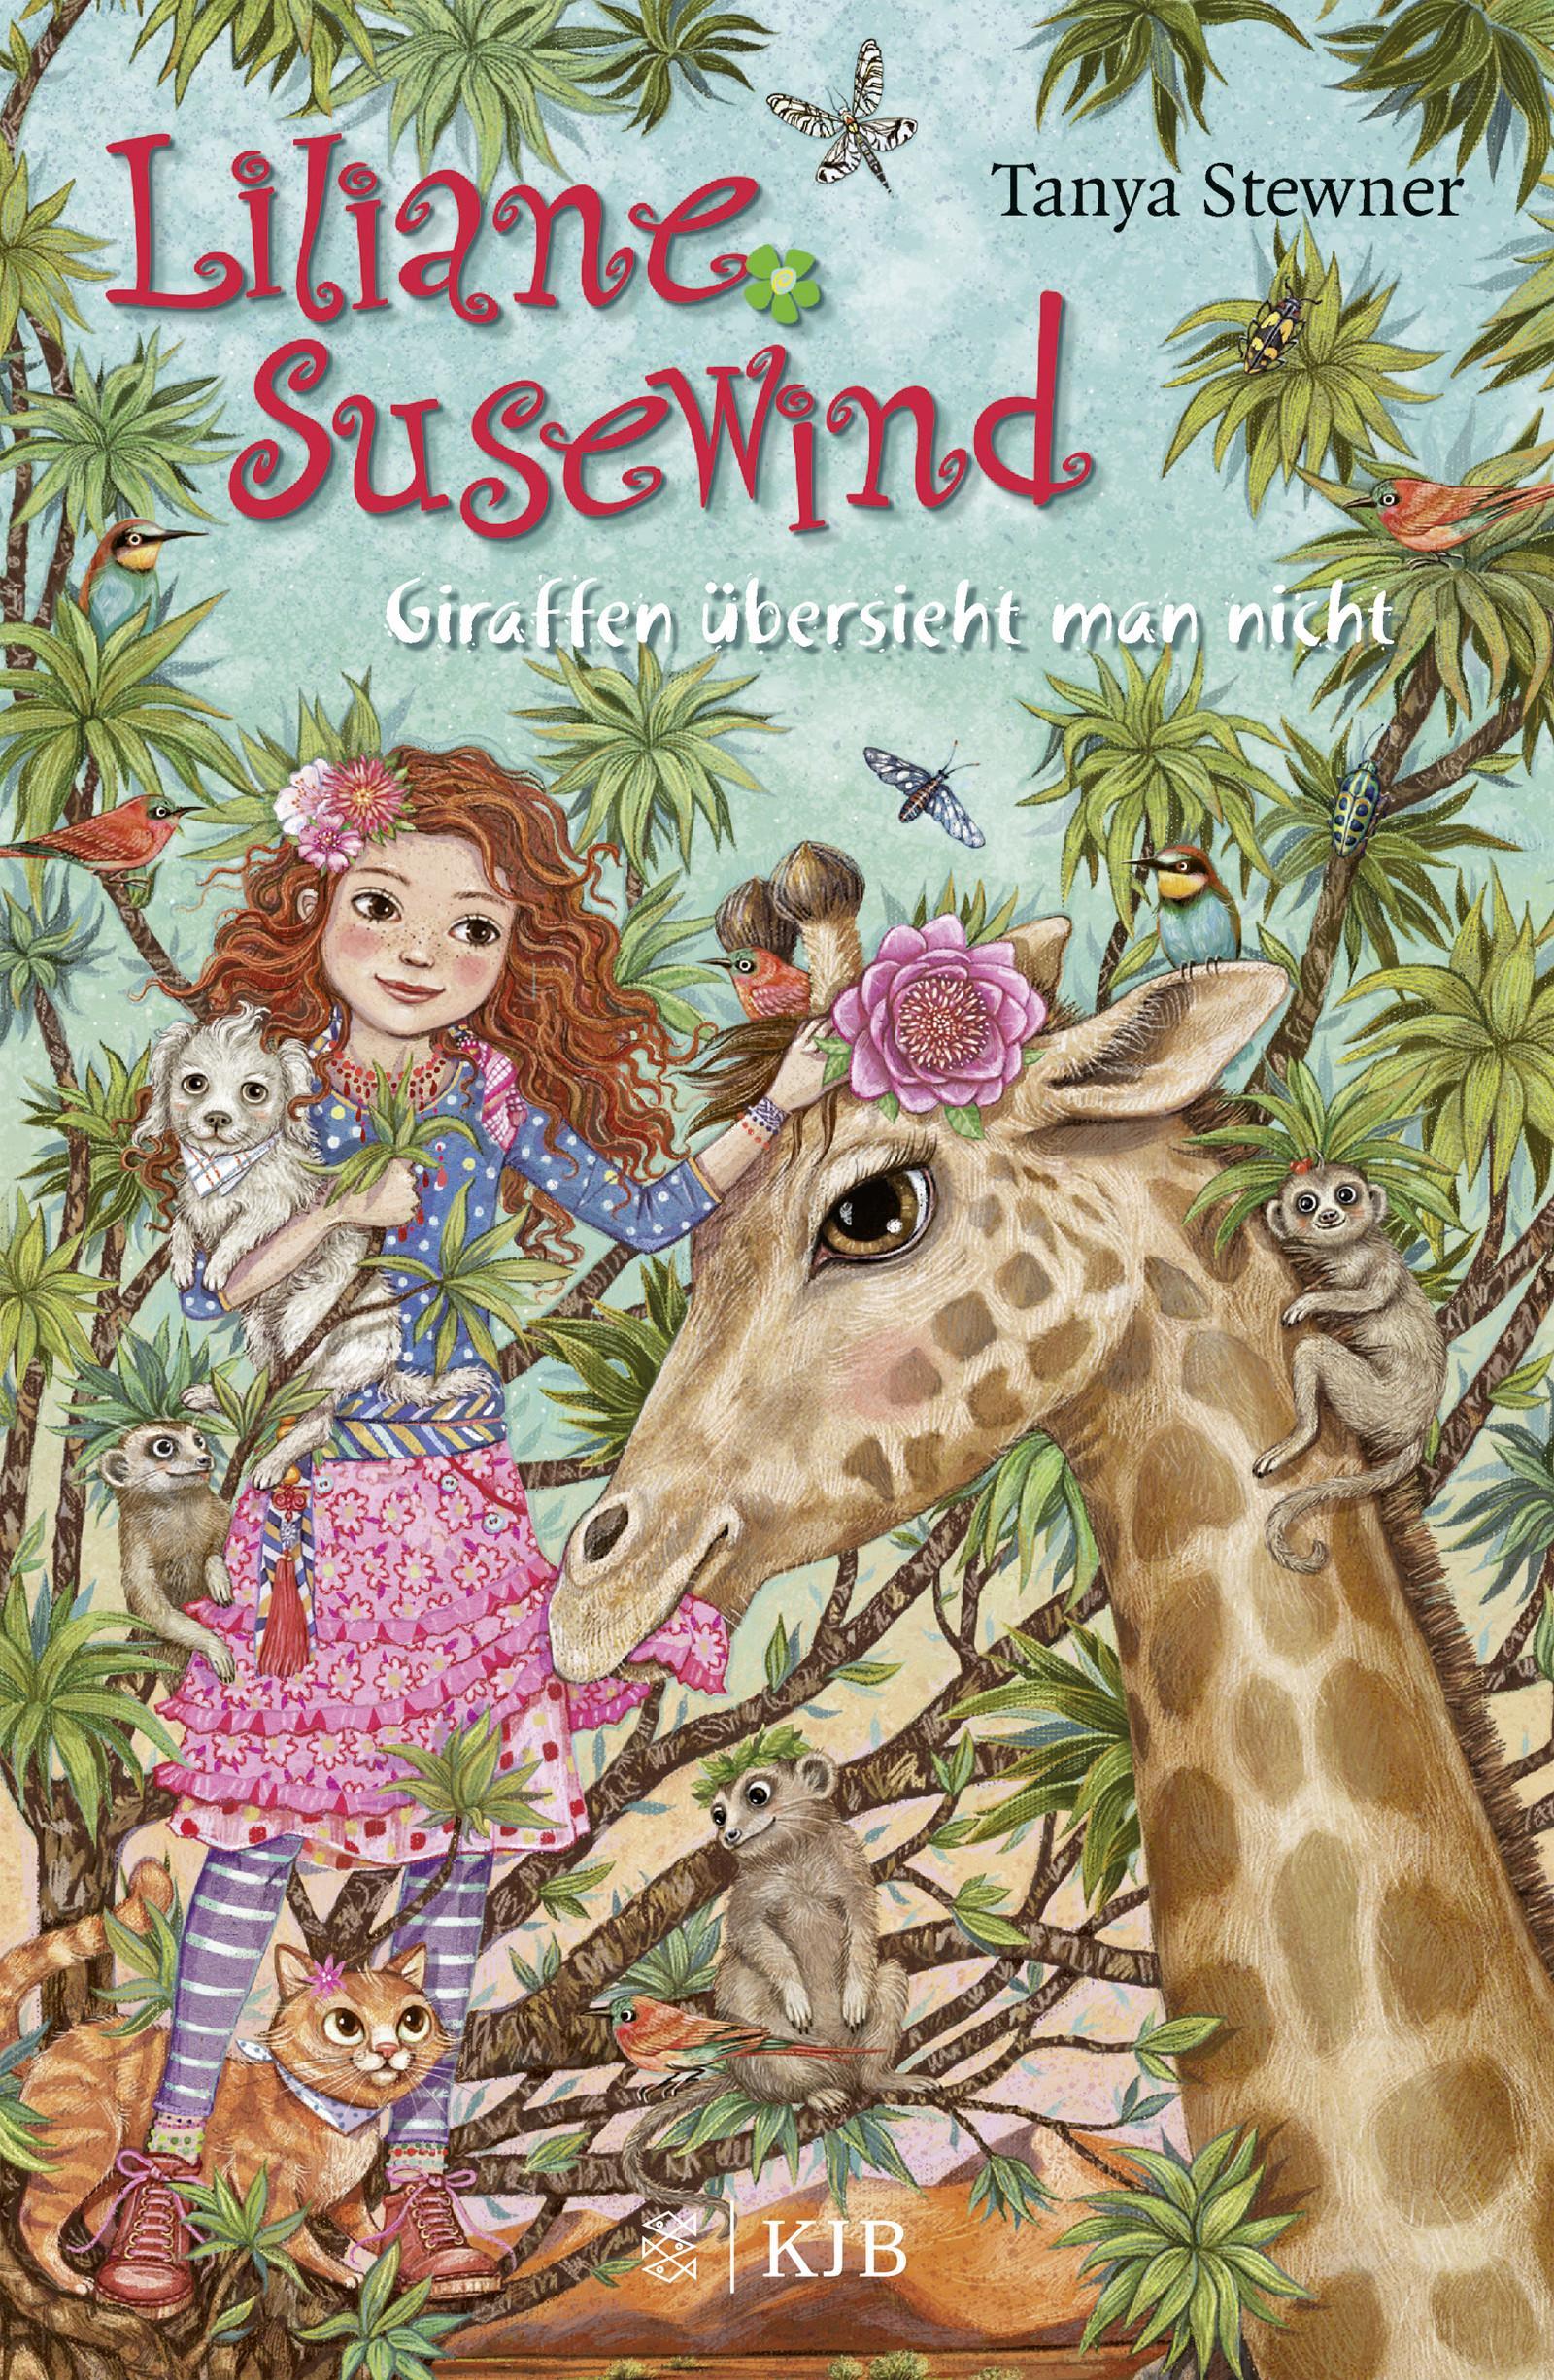 Liliane Susewind - Giraffen übersieht man nicht Tanya Stewner